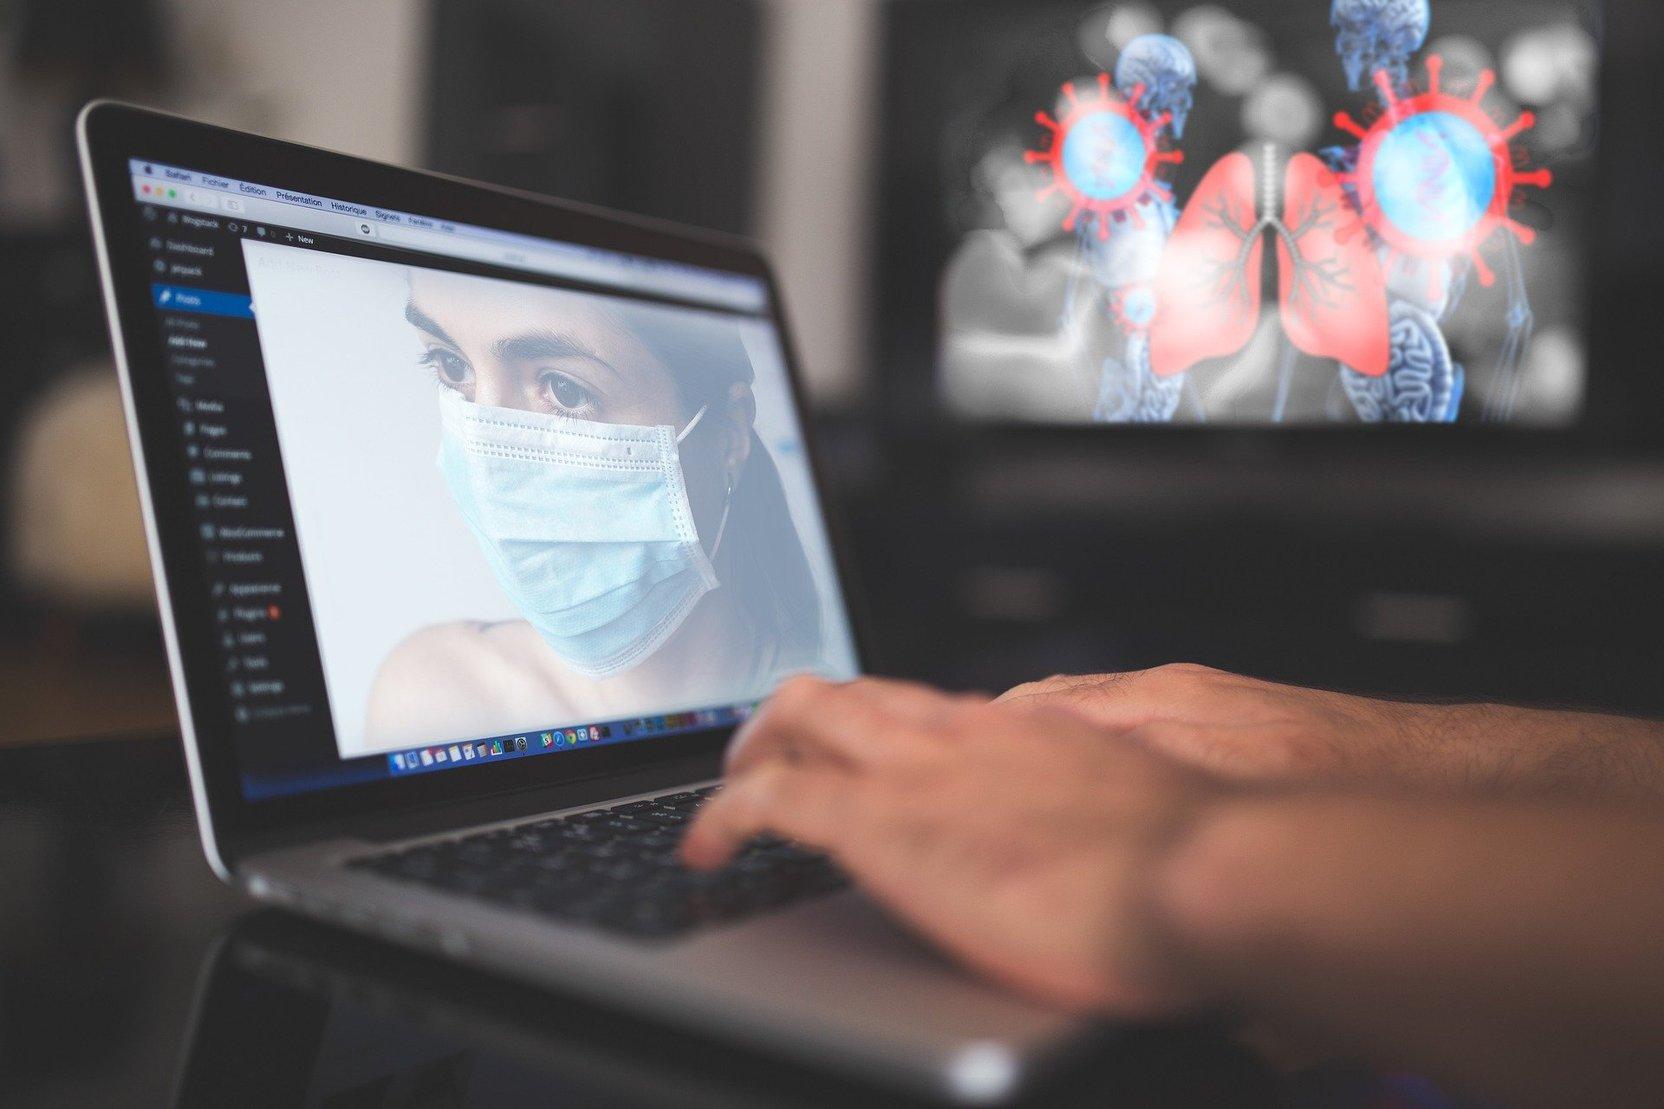 Казахстан вошел в число стран с малым распространением фейков о коронавирусе